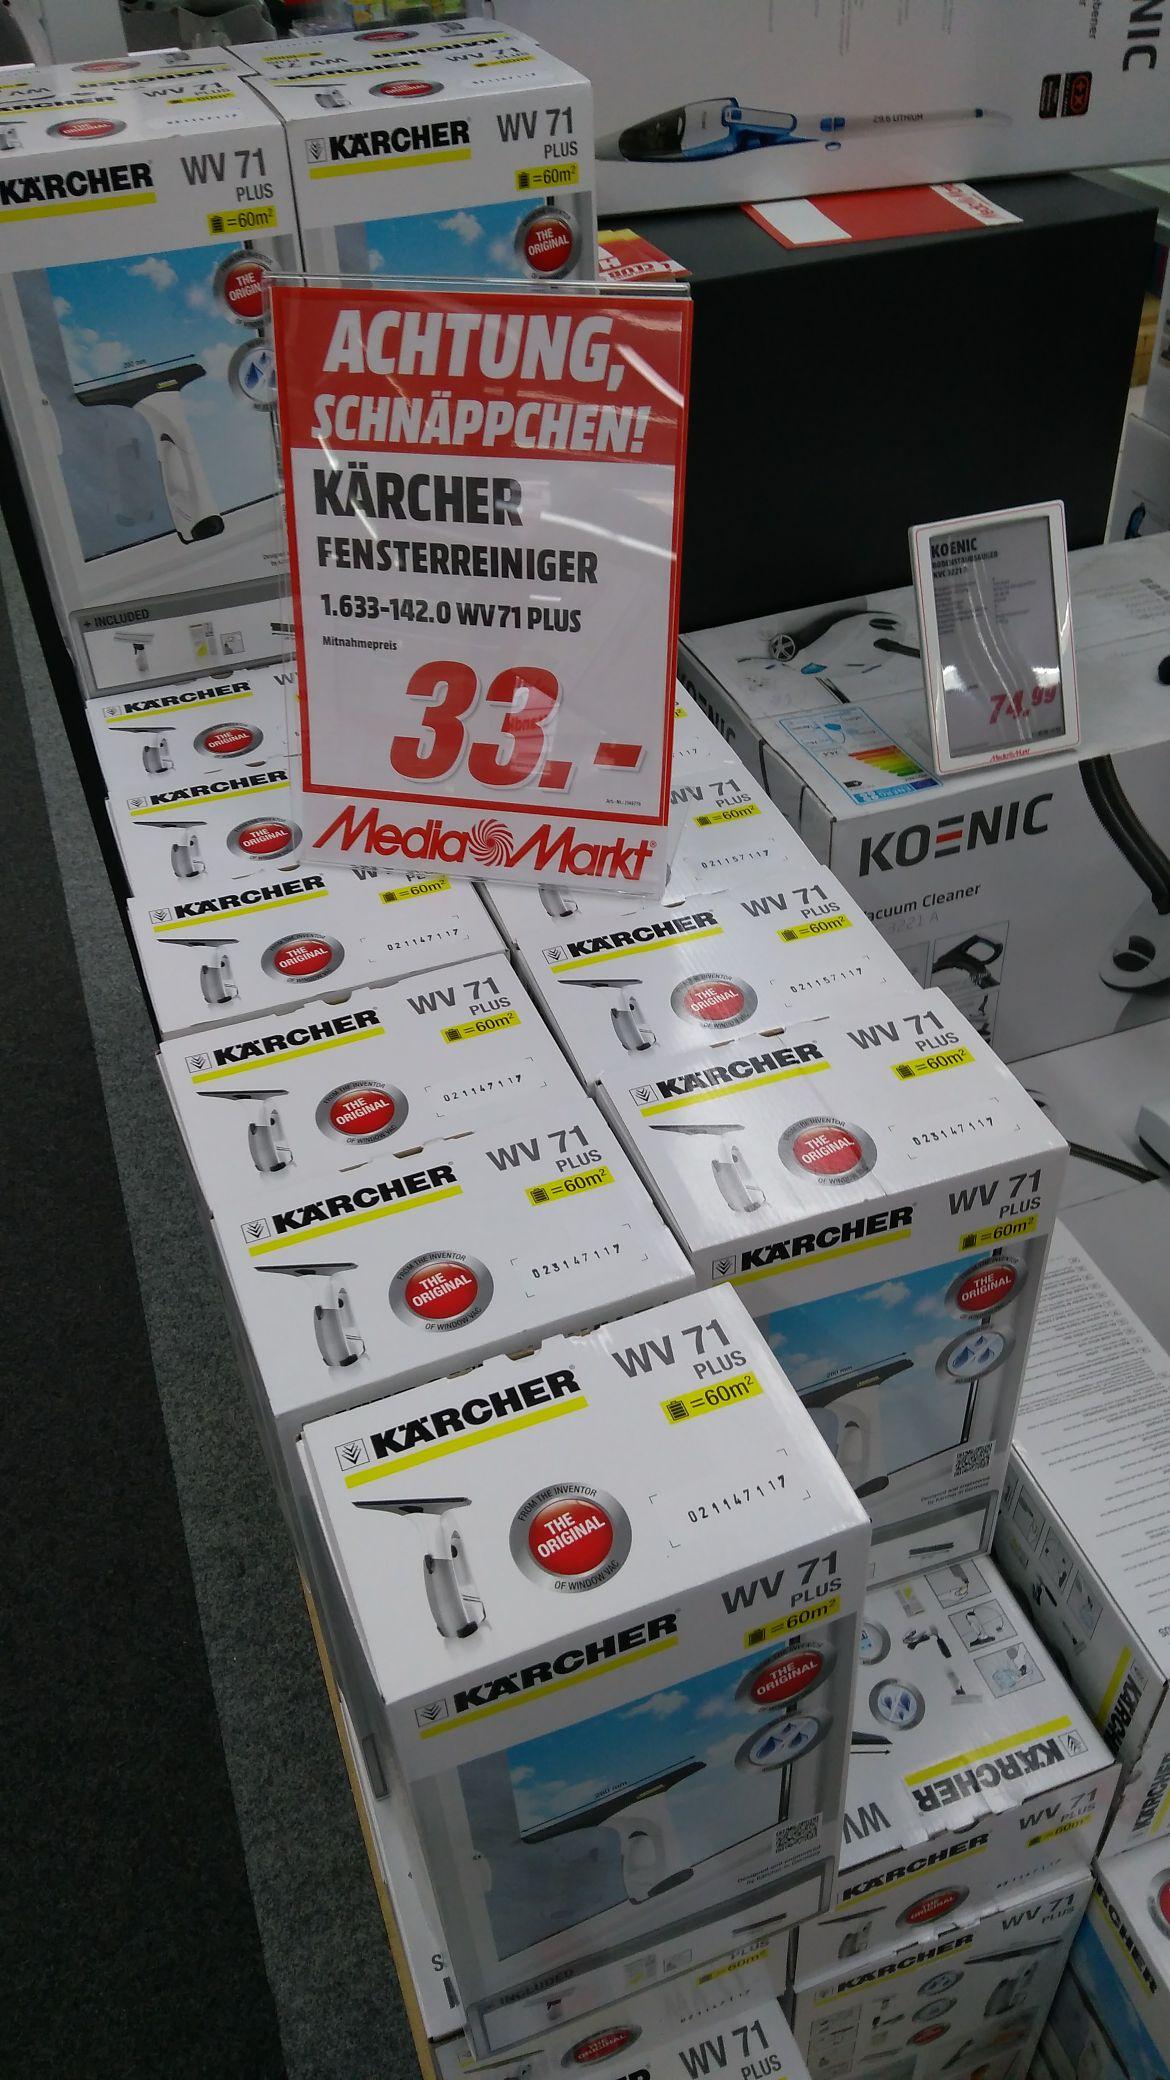 Kärcher WV 71 Plus Fensterreiniger [MediaMarkt Mannheim]